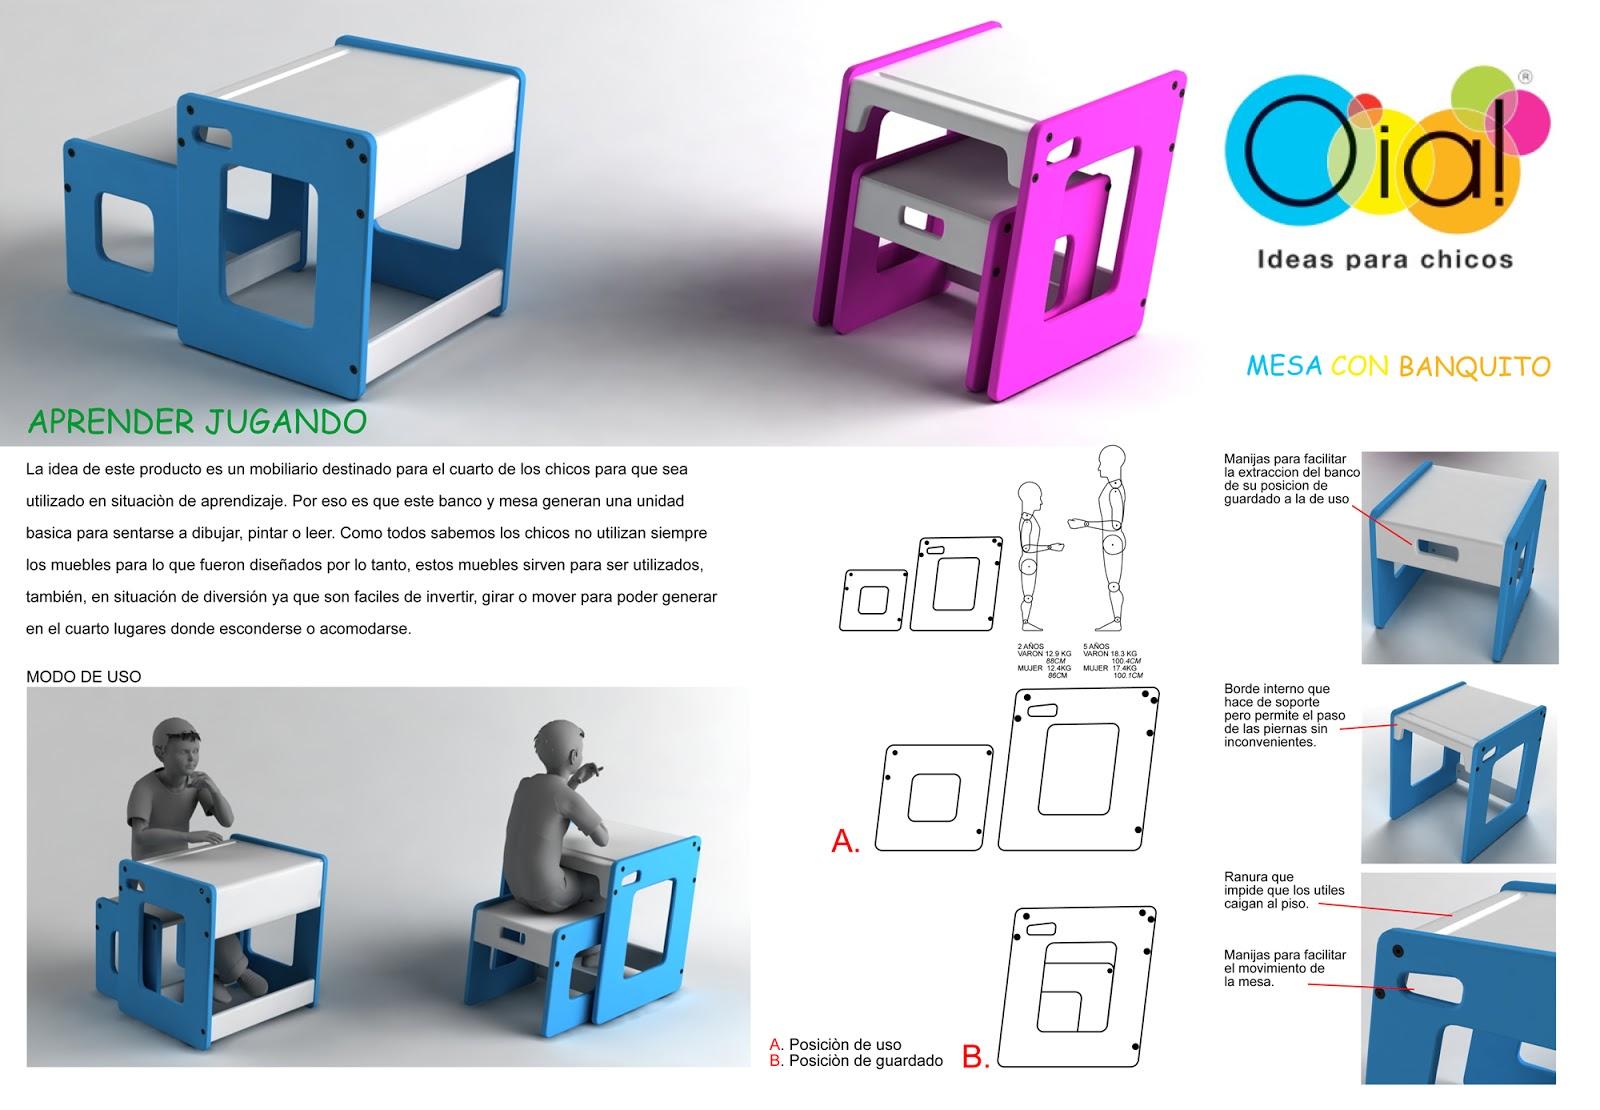 Dise o industrial up industrial design noviembre 2012 - Diseno de producto madrid ...